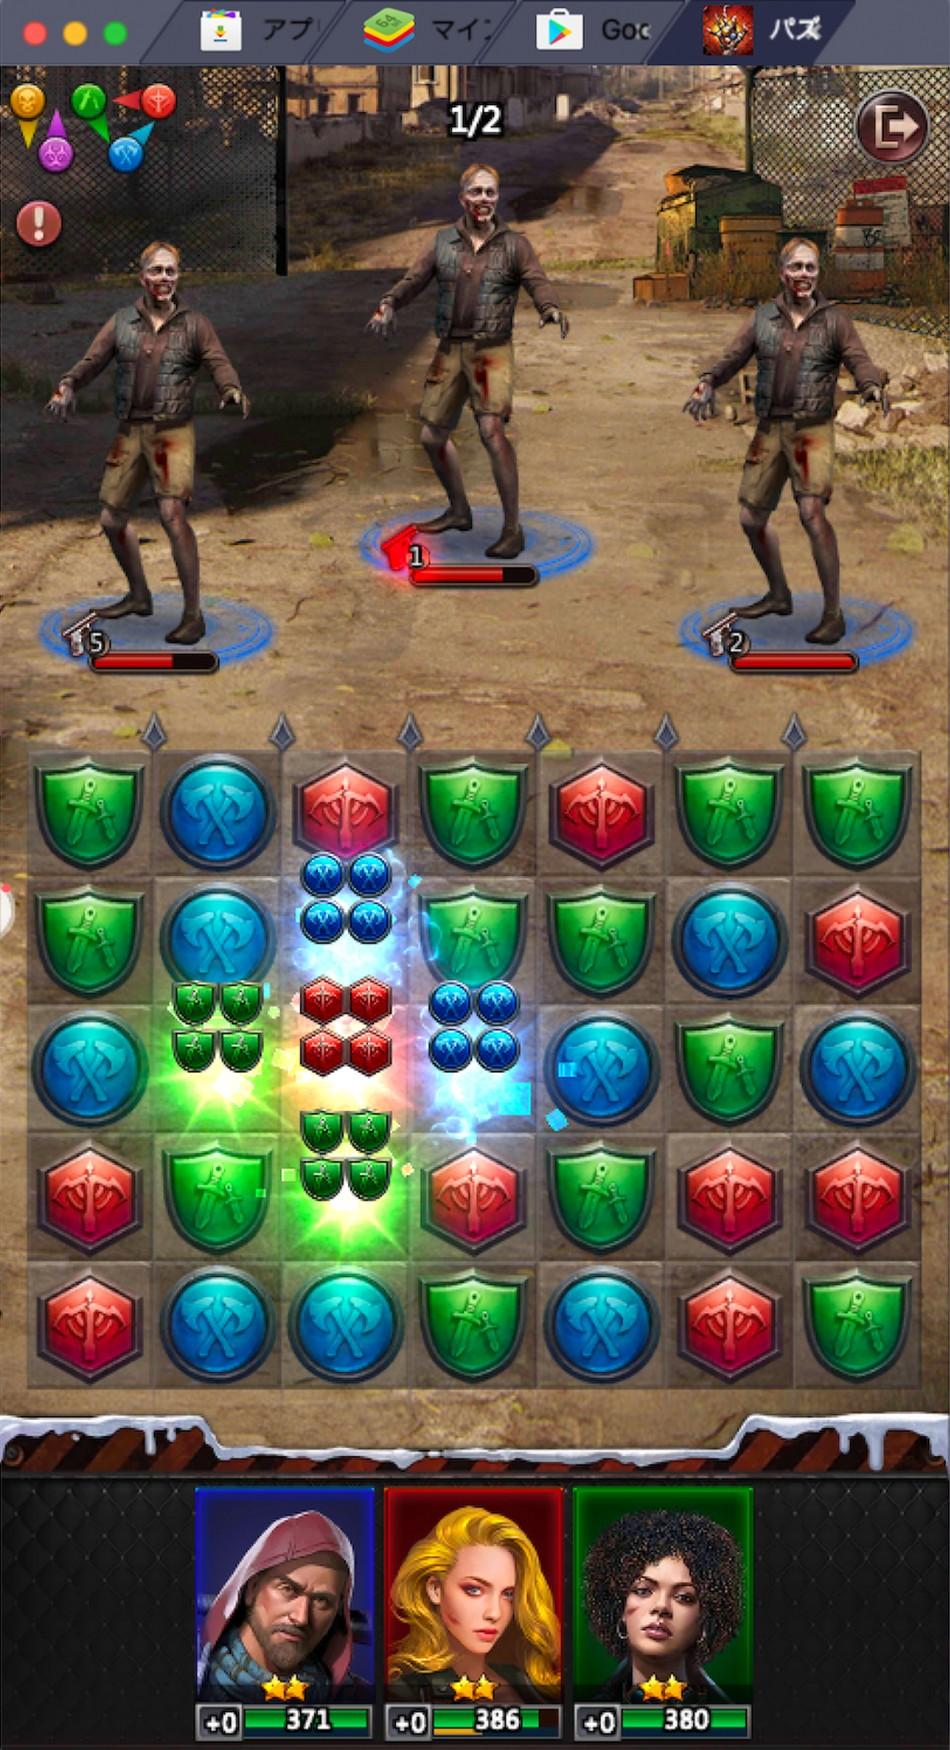 BlueStacksを使ってPCで『パズル&サバイバル』を遊ぼう